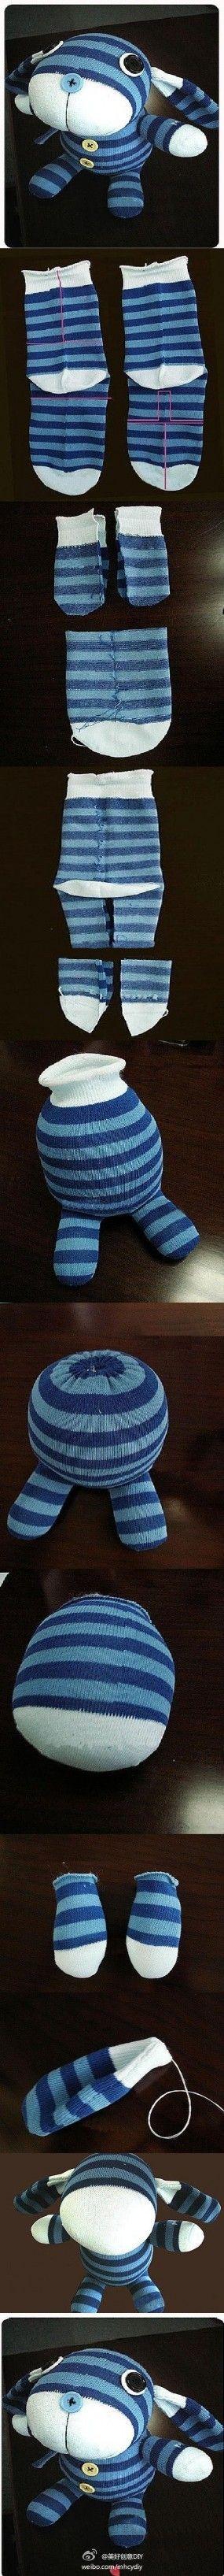 袜子娃娃diy~——更多有趣内容,请关注美好创…_来自Please叫我小明的图片分享